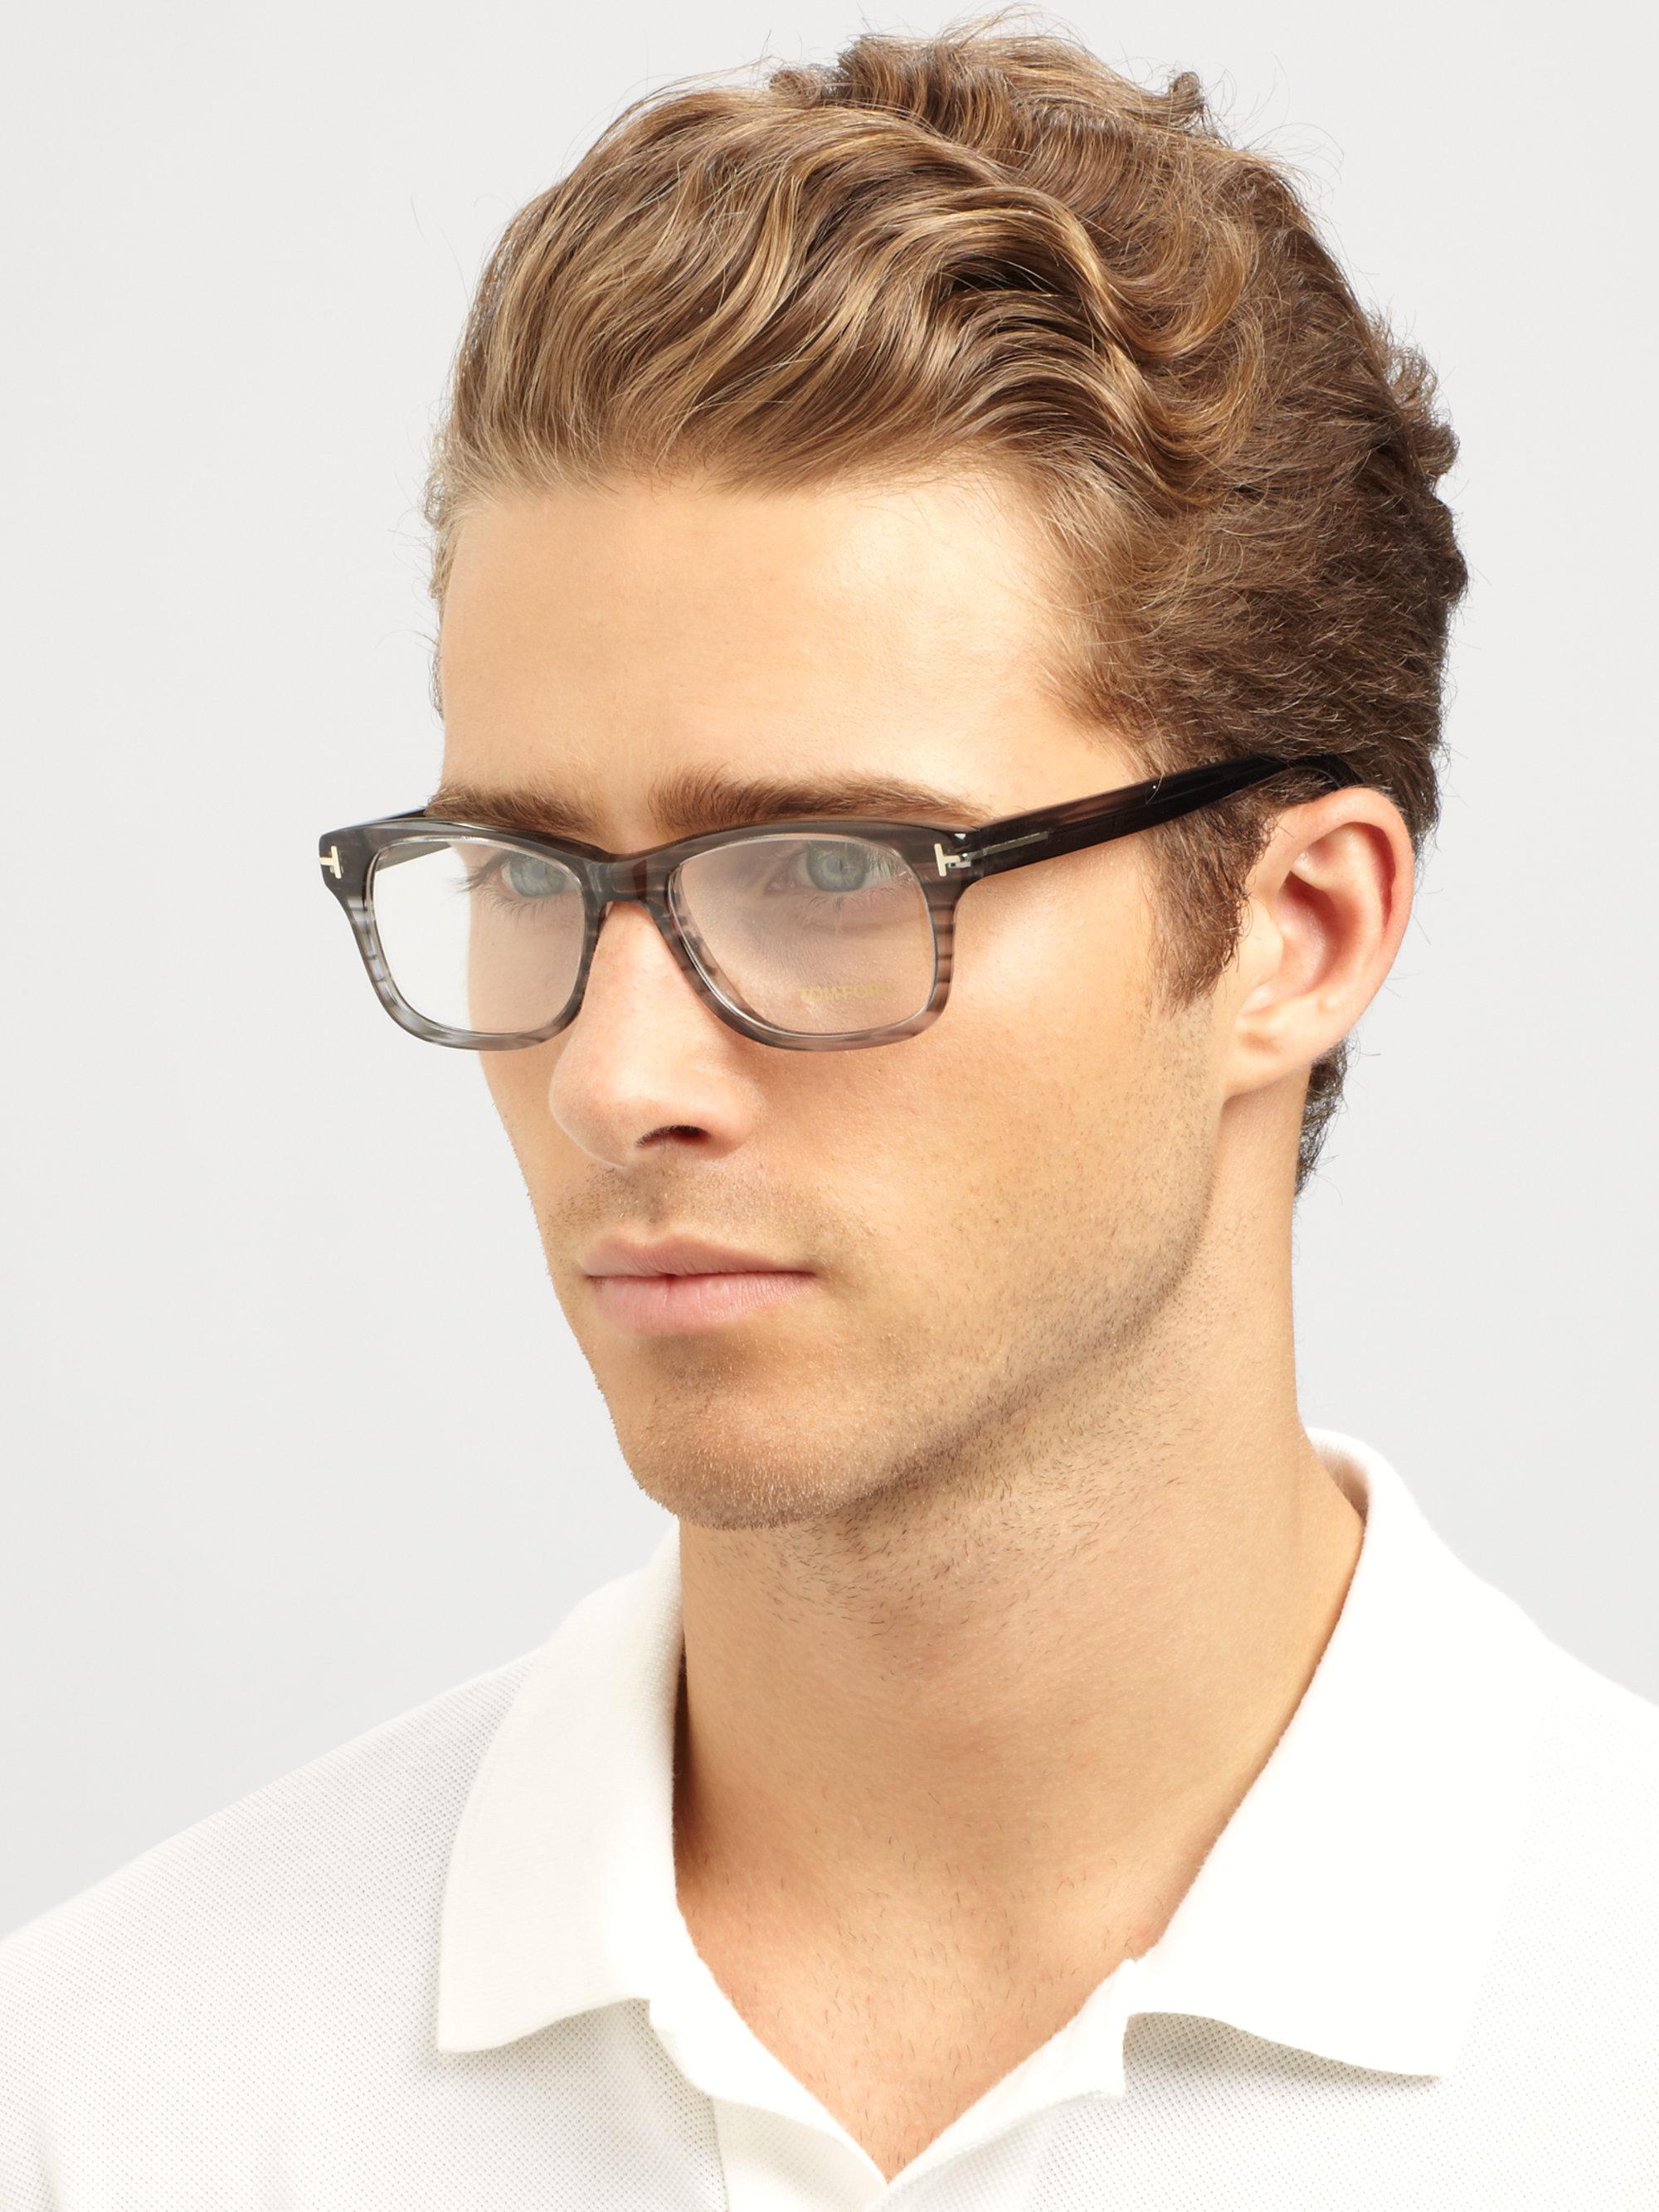 07f3a5deb4 Tom Ford Plastic Optical Frames in Black - Lyst